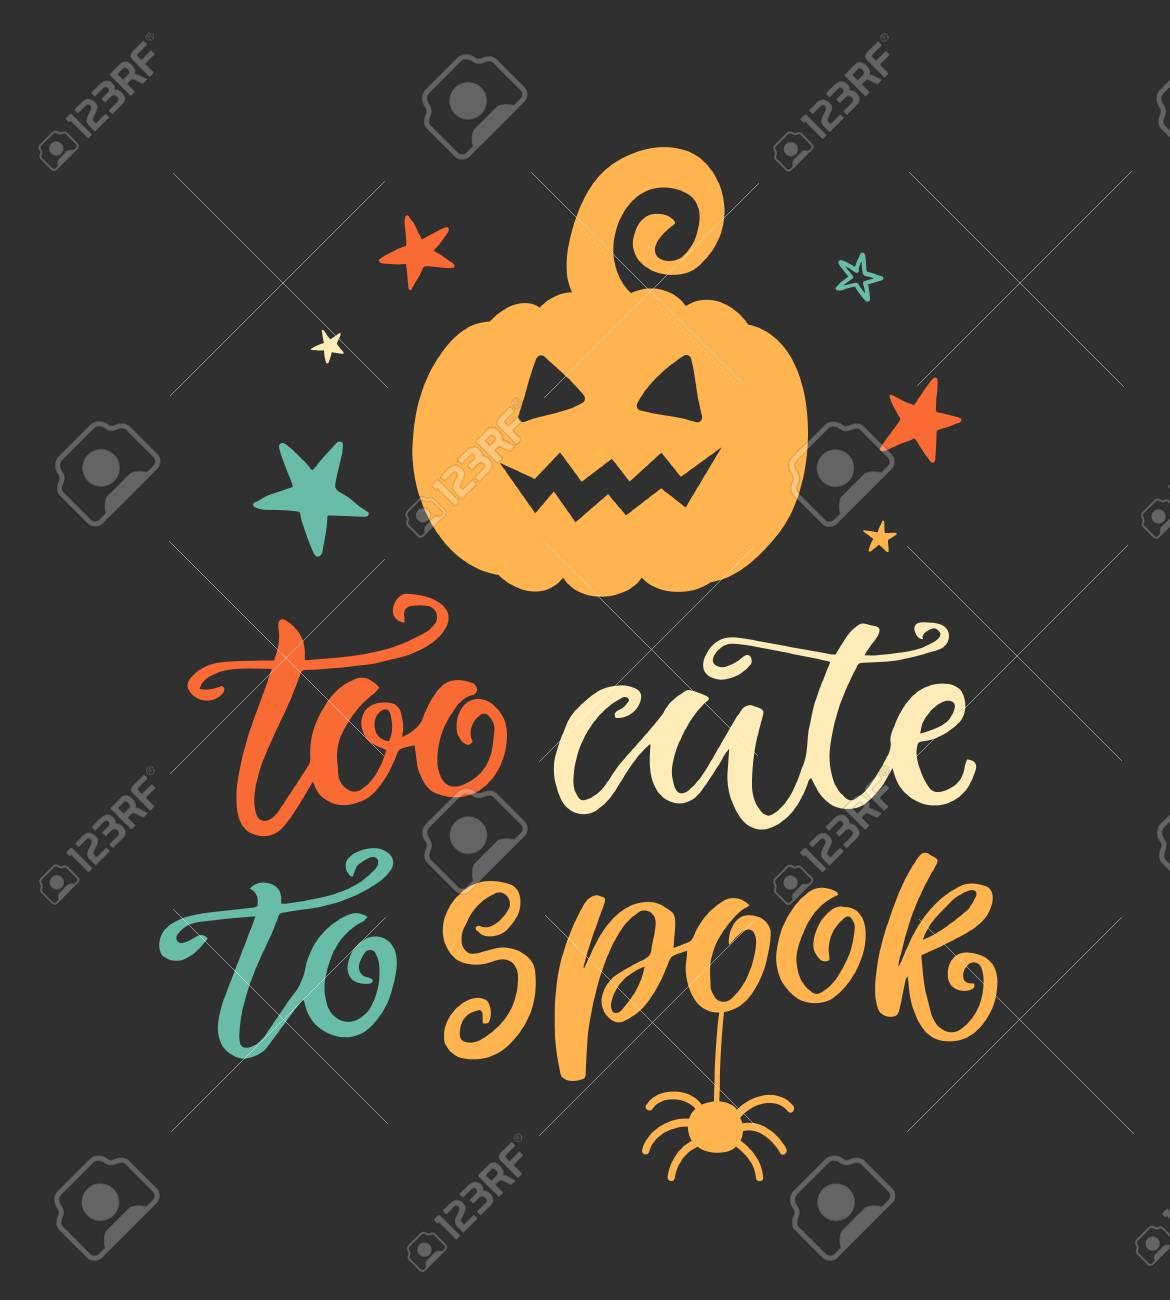 Zu Süß Zu Spook. Halloween-Party-Plakat Mit Handgeschriebener Tinten ...